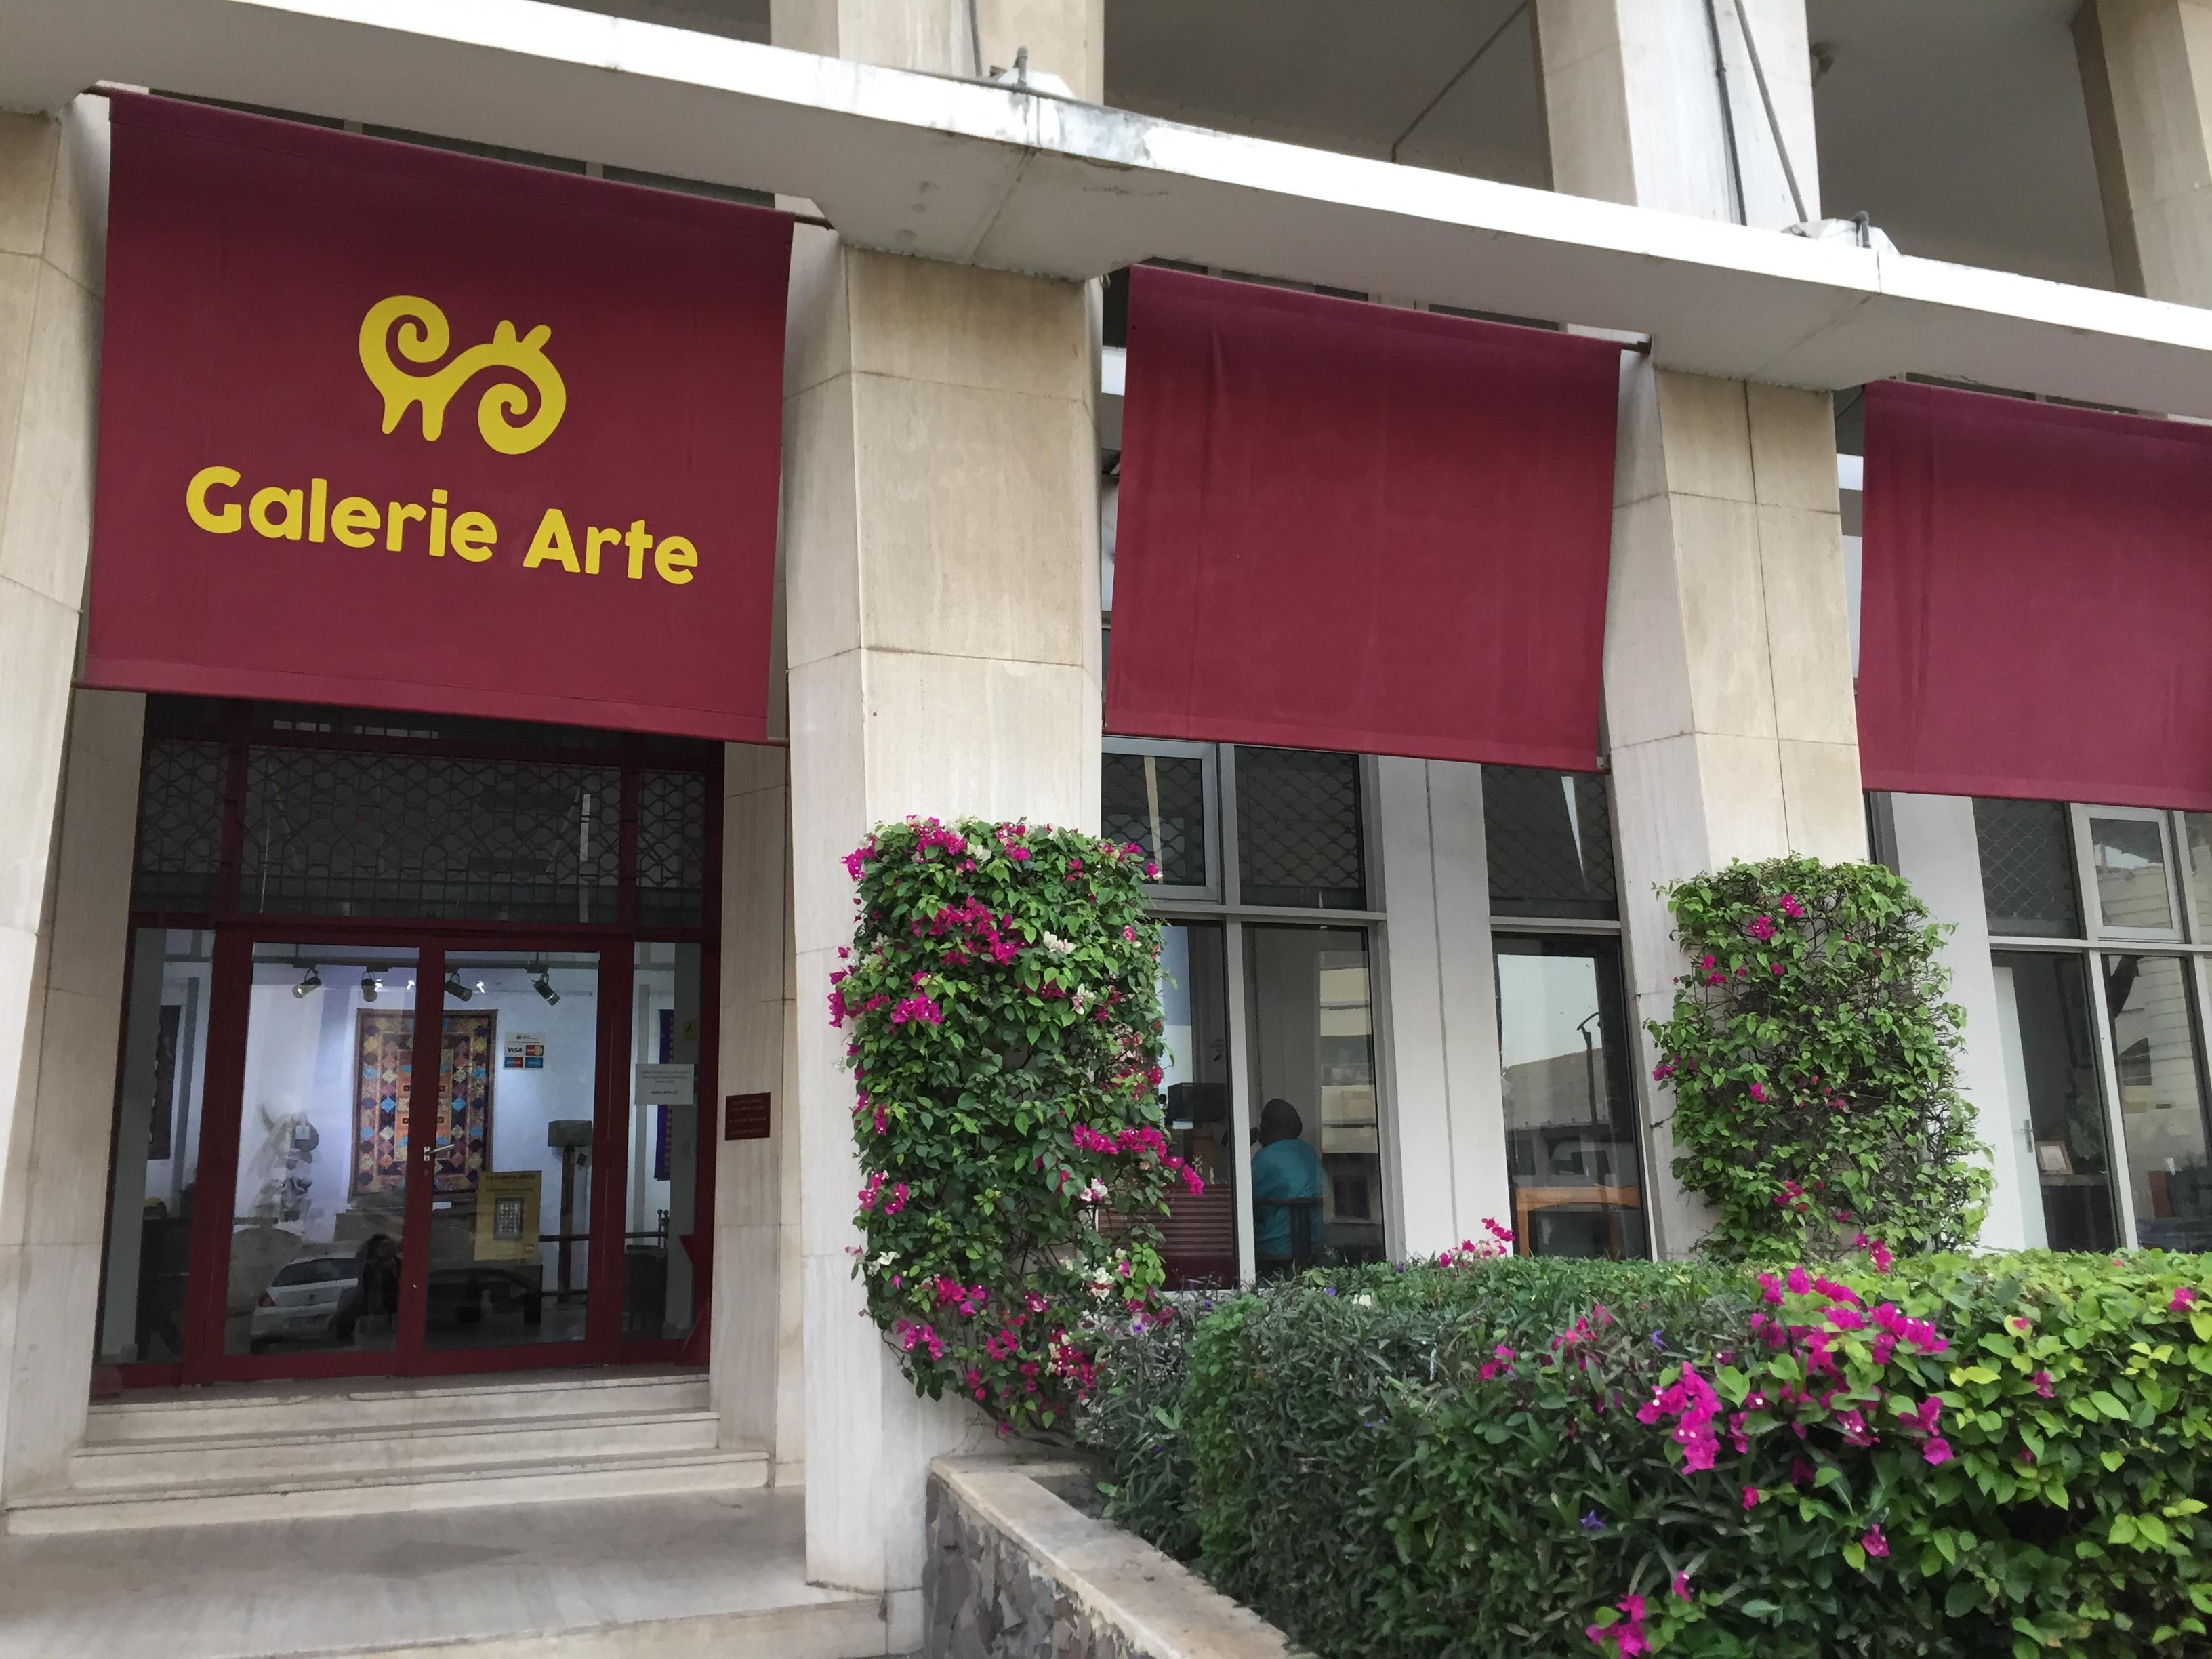 Photo De Galerie Exterieur file:façade extérieur de la galerie arte - wikimedia commons